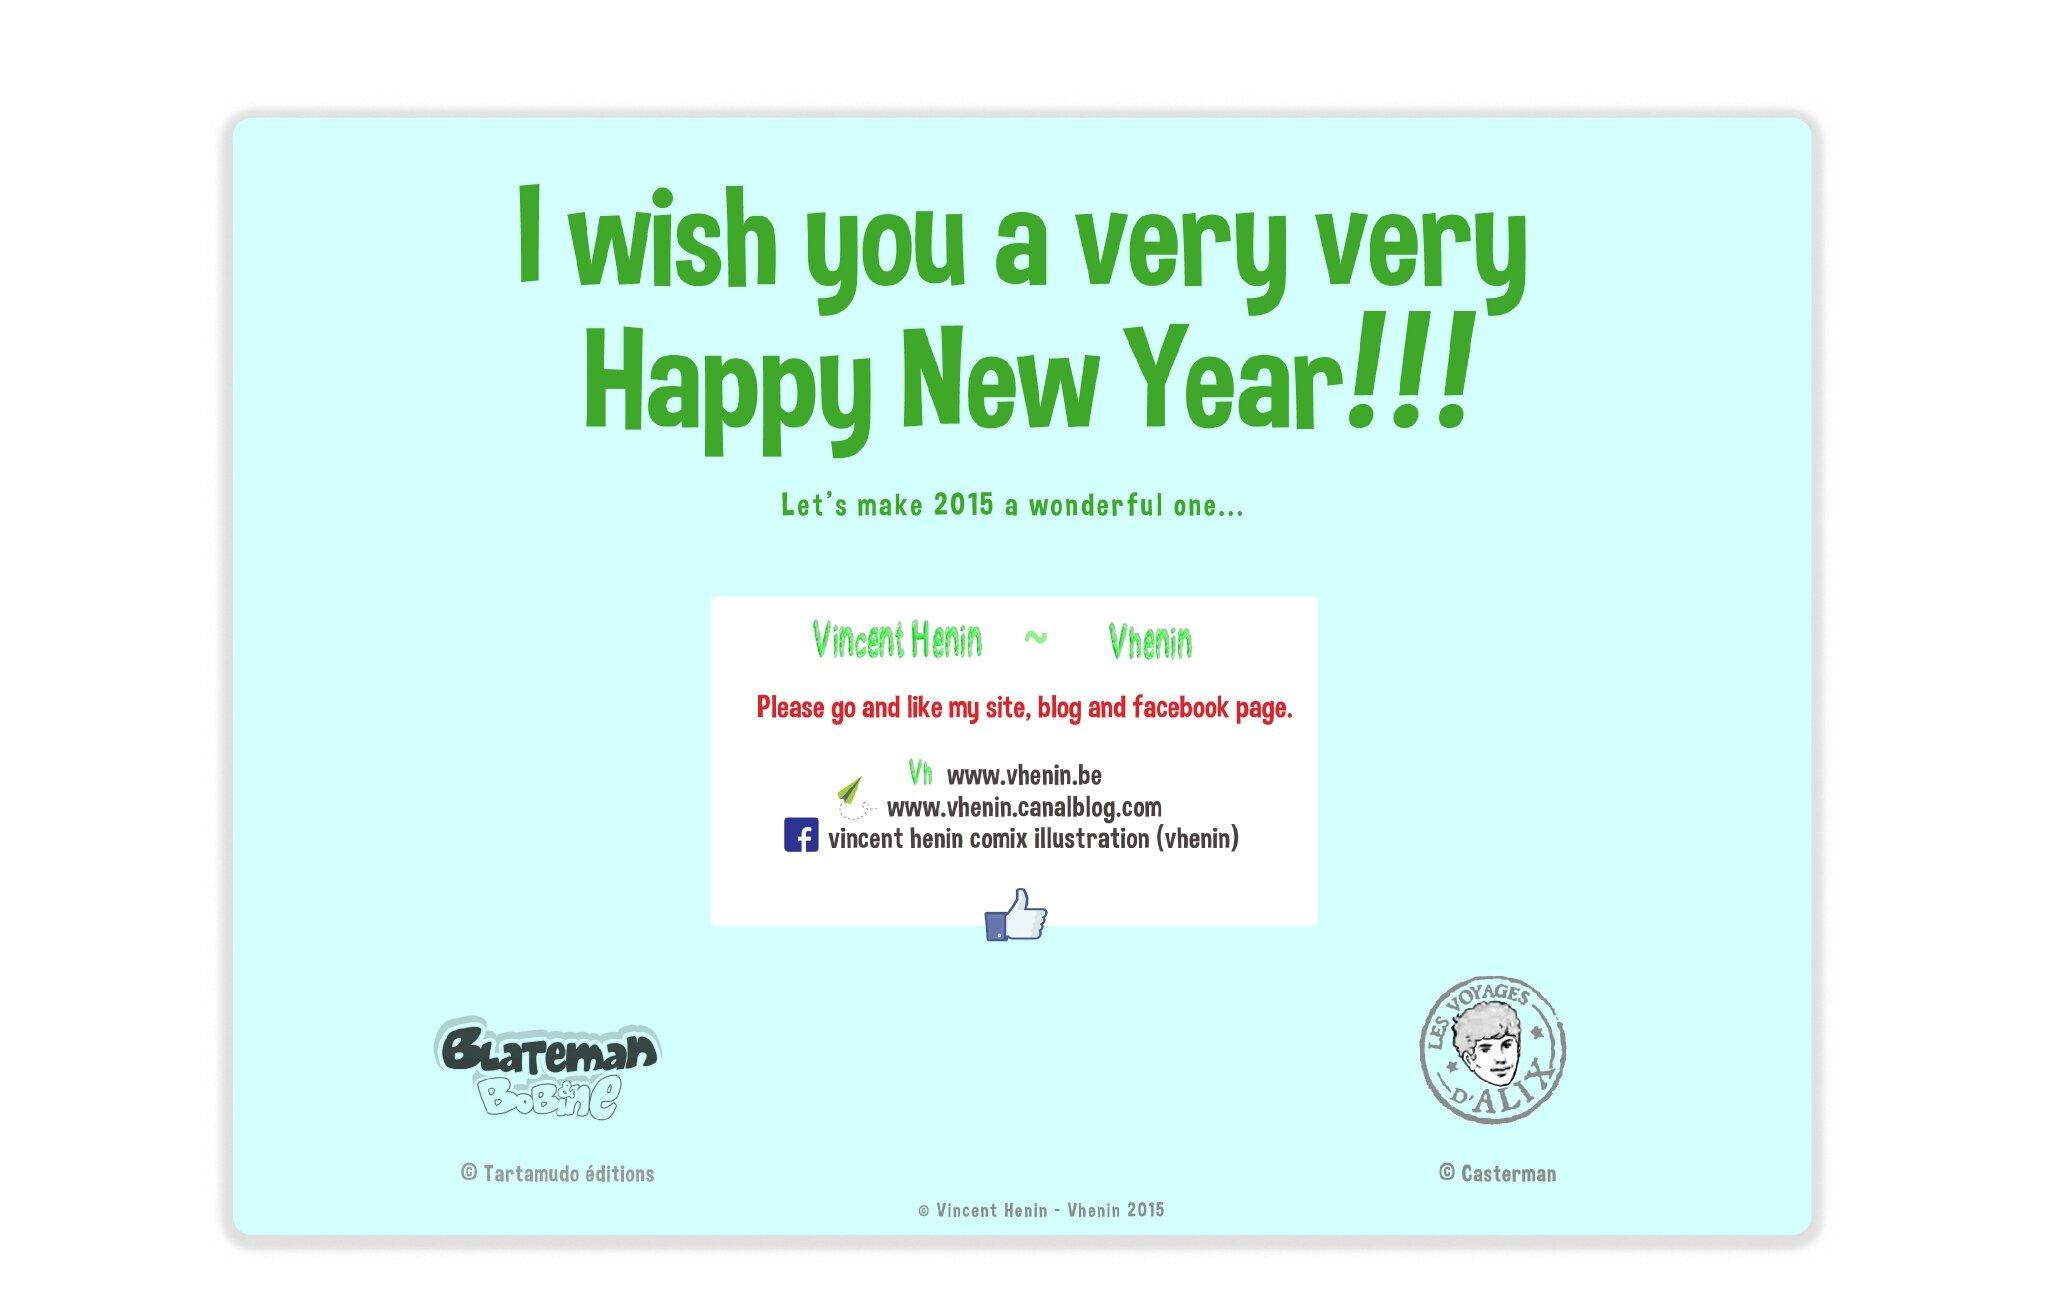 Blateman et Bobine - Tarek-Vhenin- Tartamudo éditions - HAPPY NEW YEAR 2015